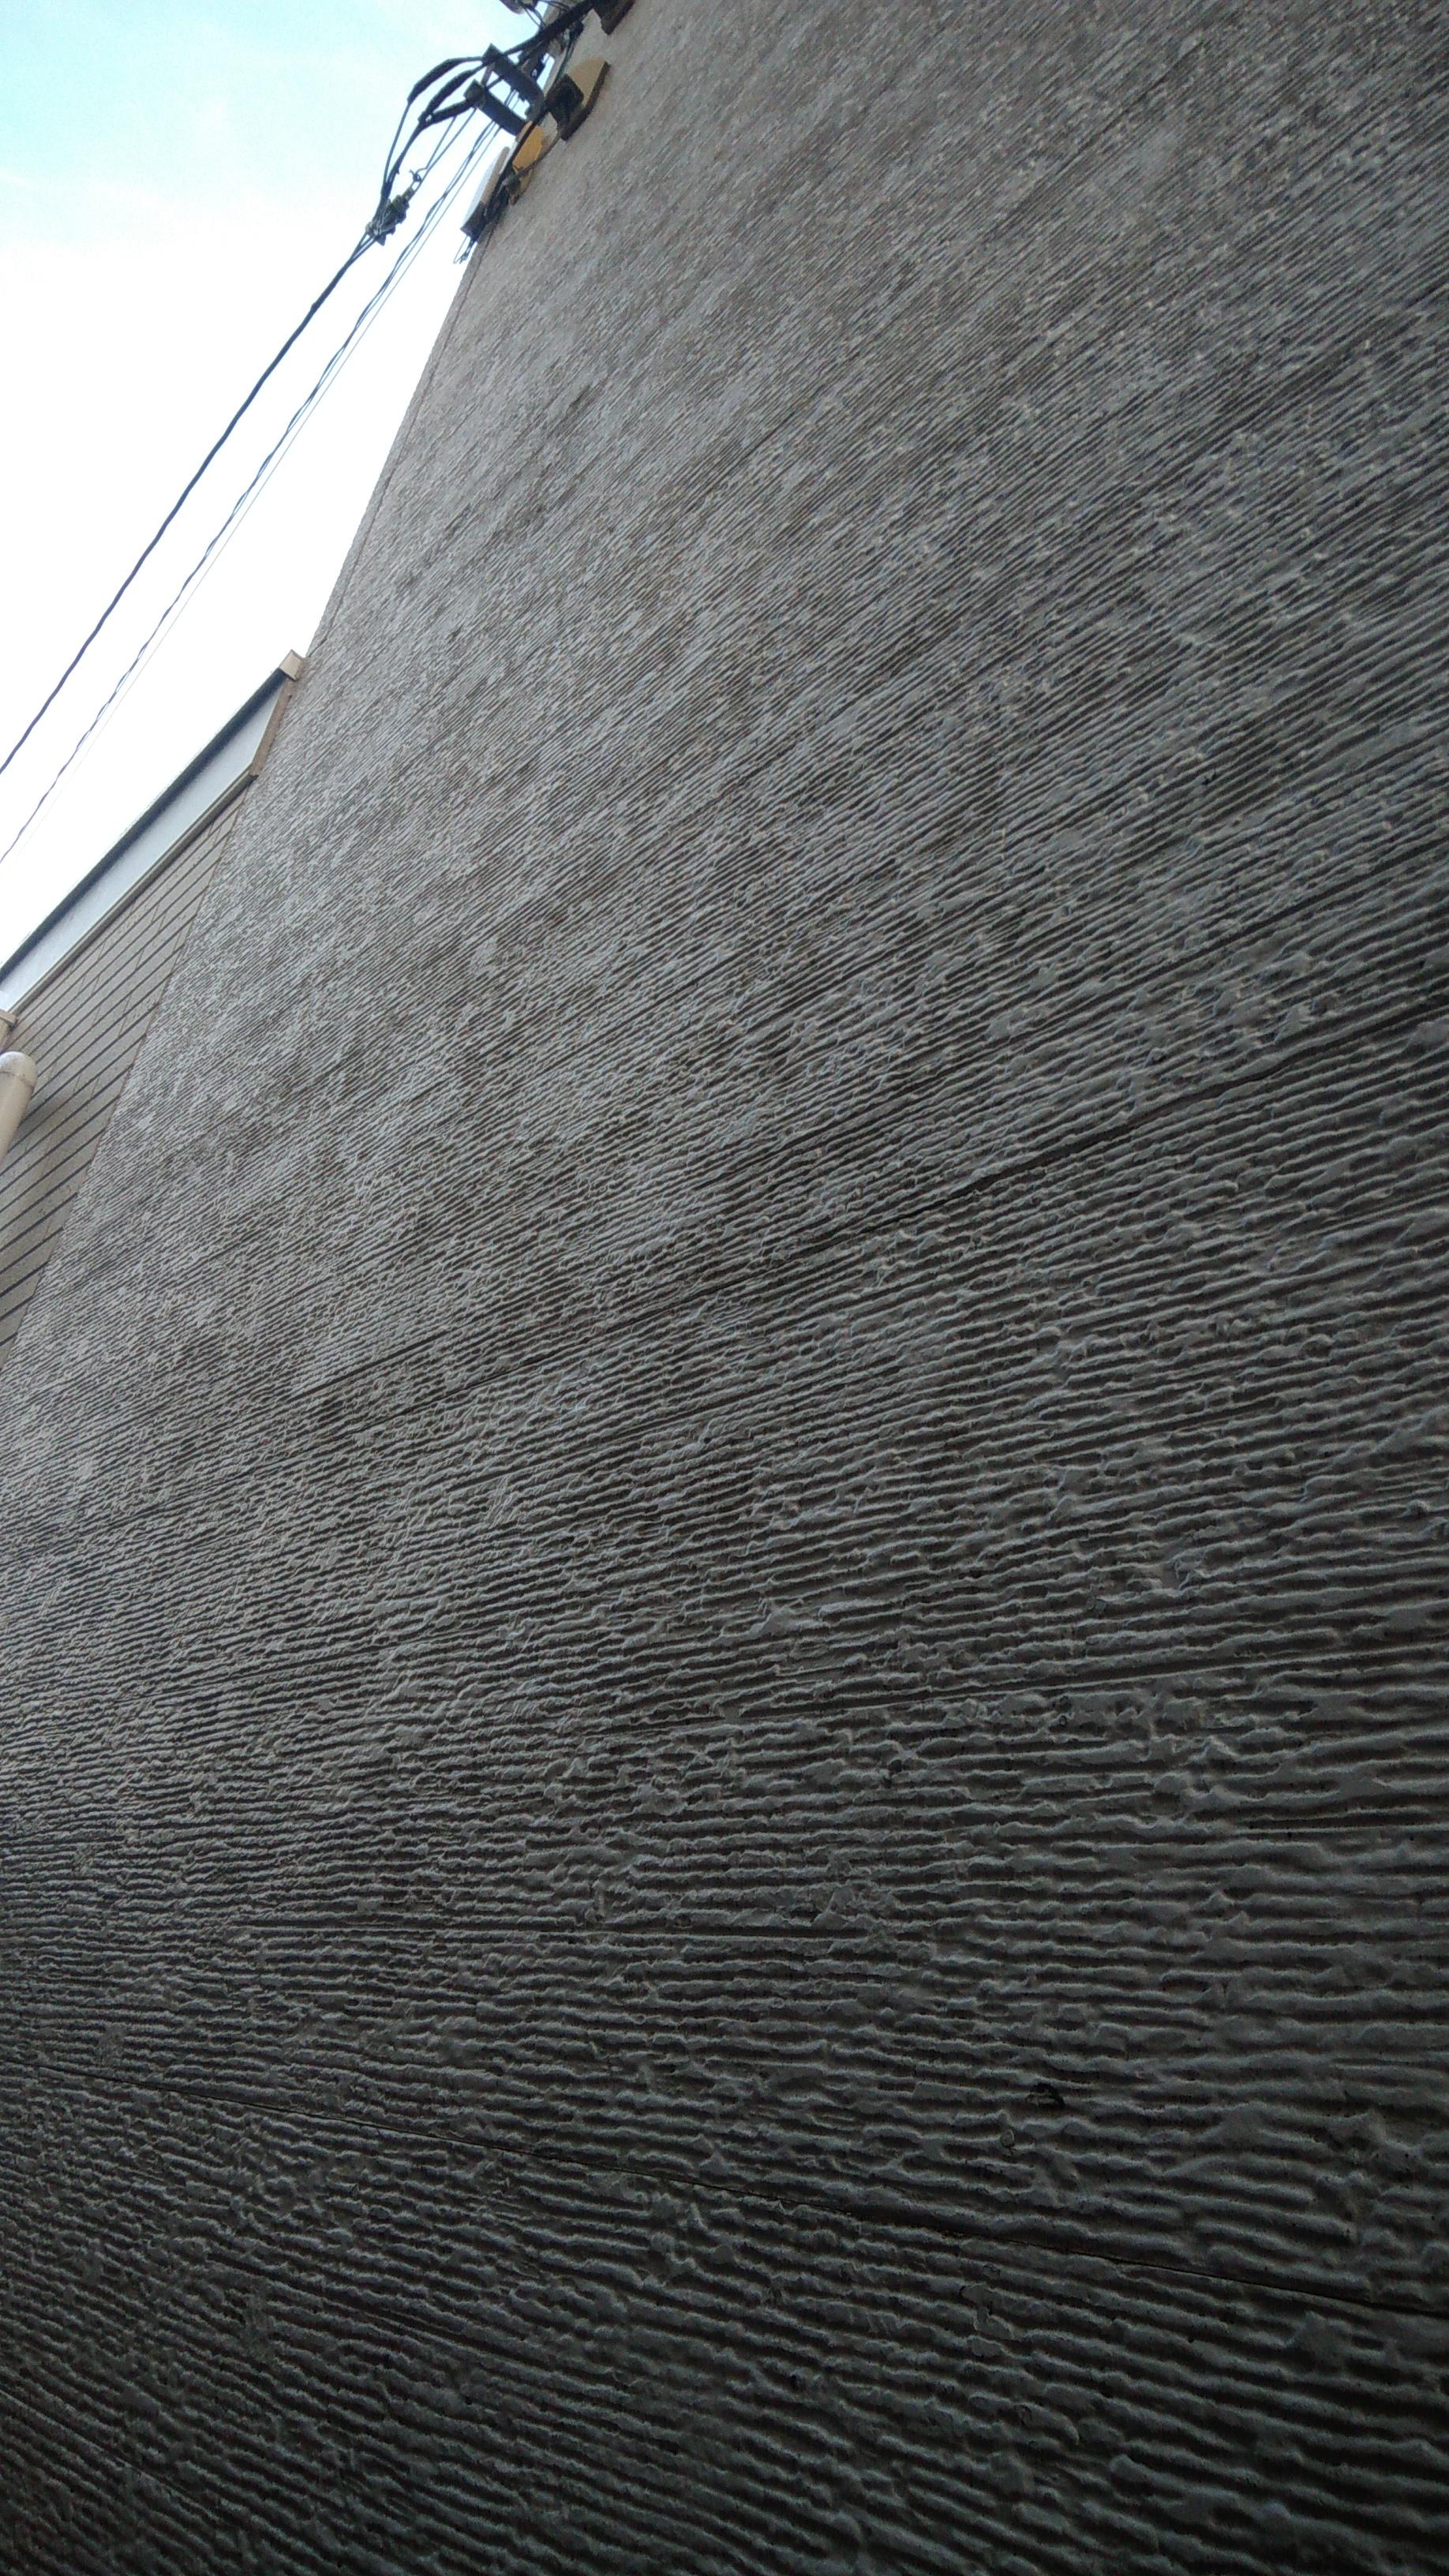 15ba8720863457f3c2693309bca76f50 - 家の外壁のコケ(苔)取り・藻の除去の方法徹底調査で最安の方法コレ